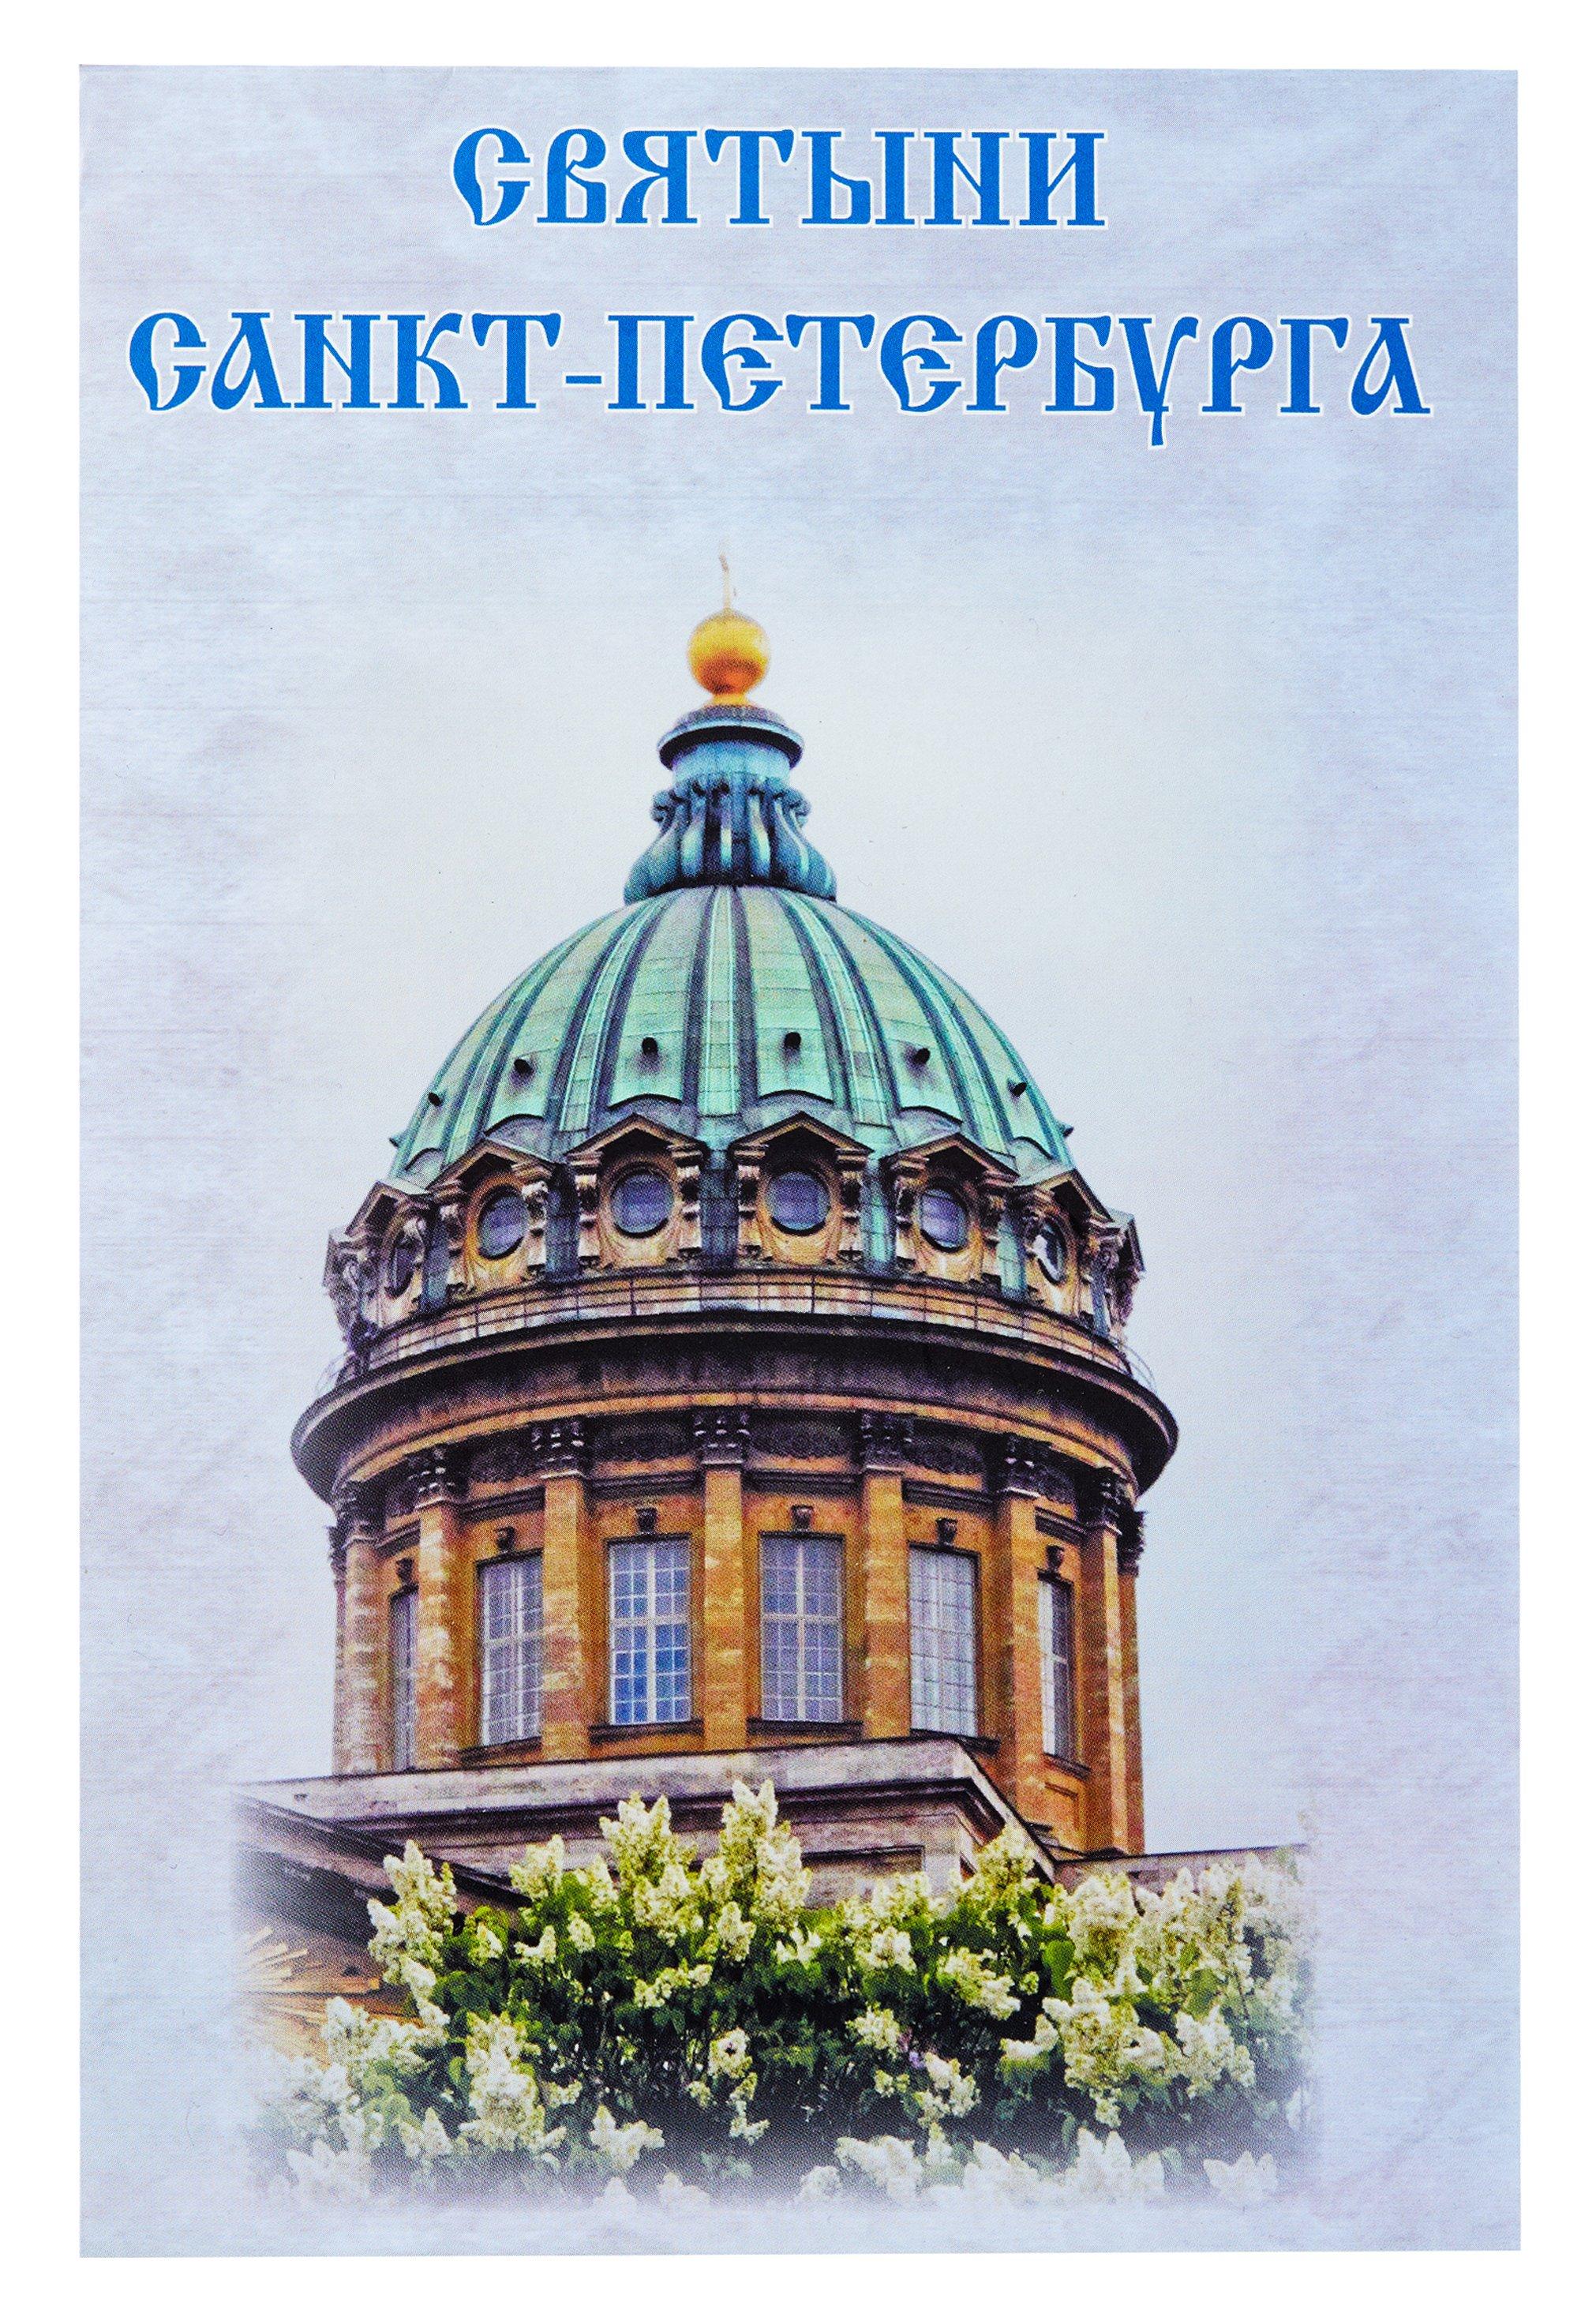 Святыни Санкт-Петербурга документы по истории и культуре евреев в архивах санкт петербурга путеводитель том 2 региональные архивы